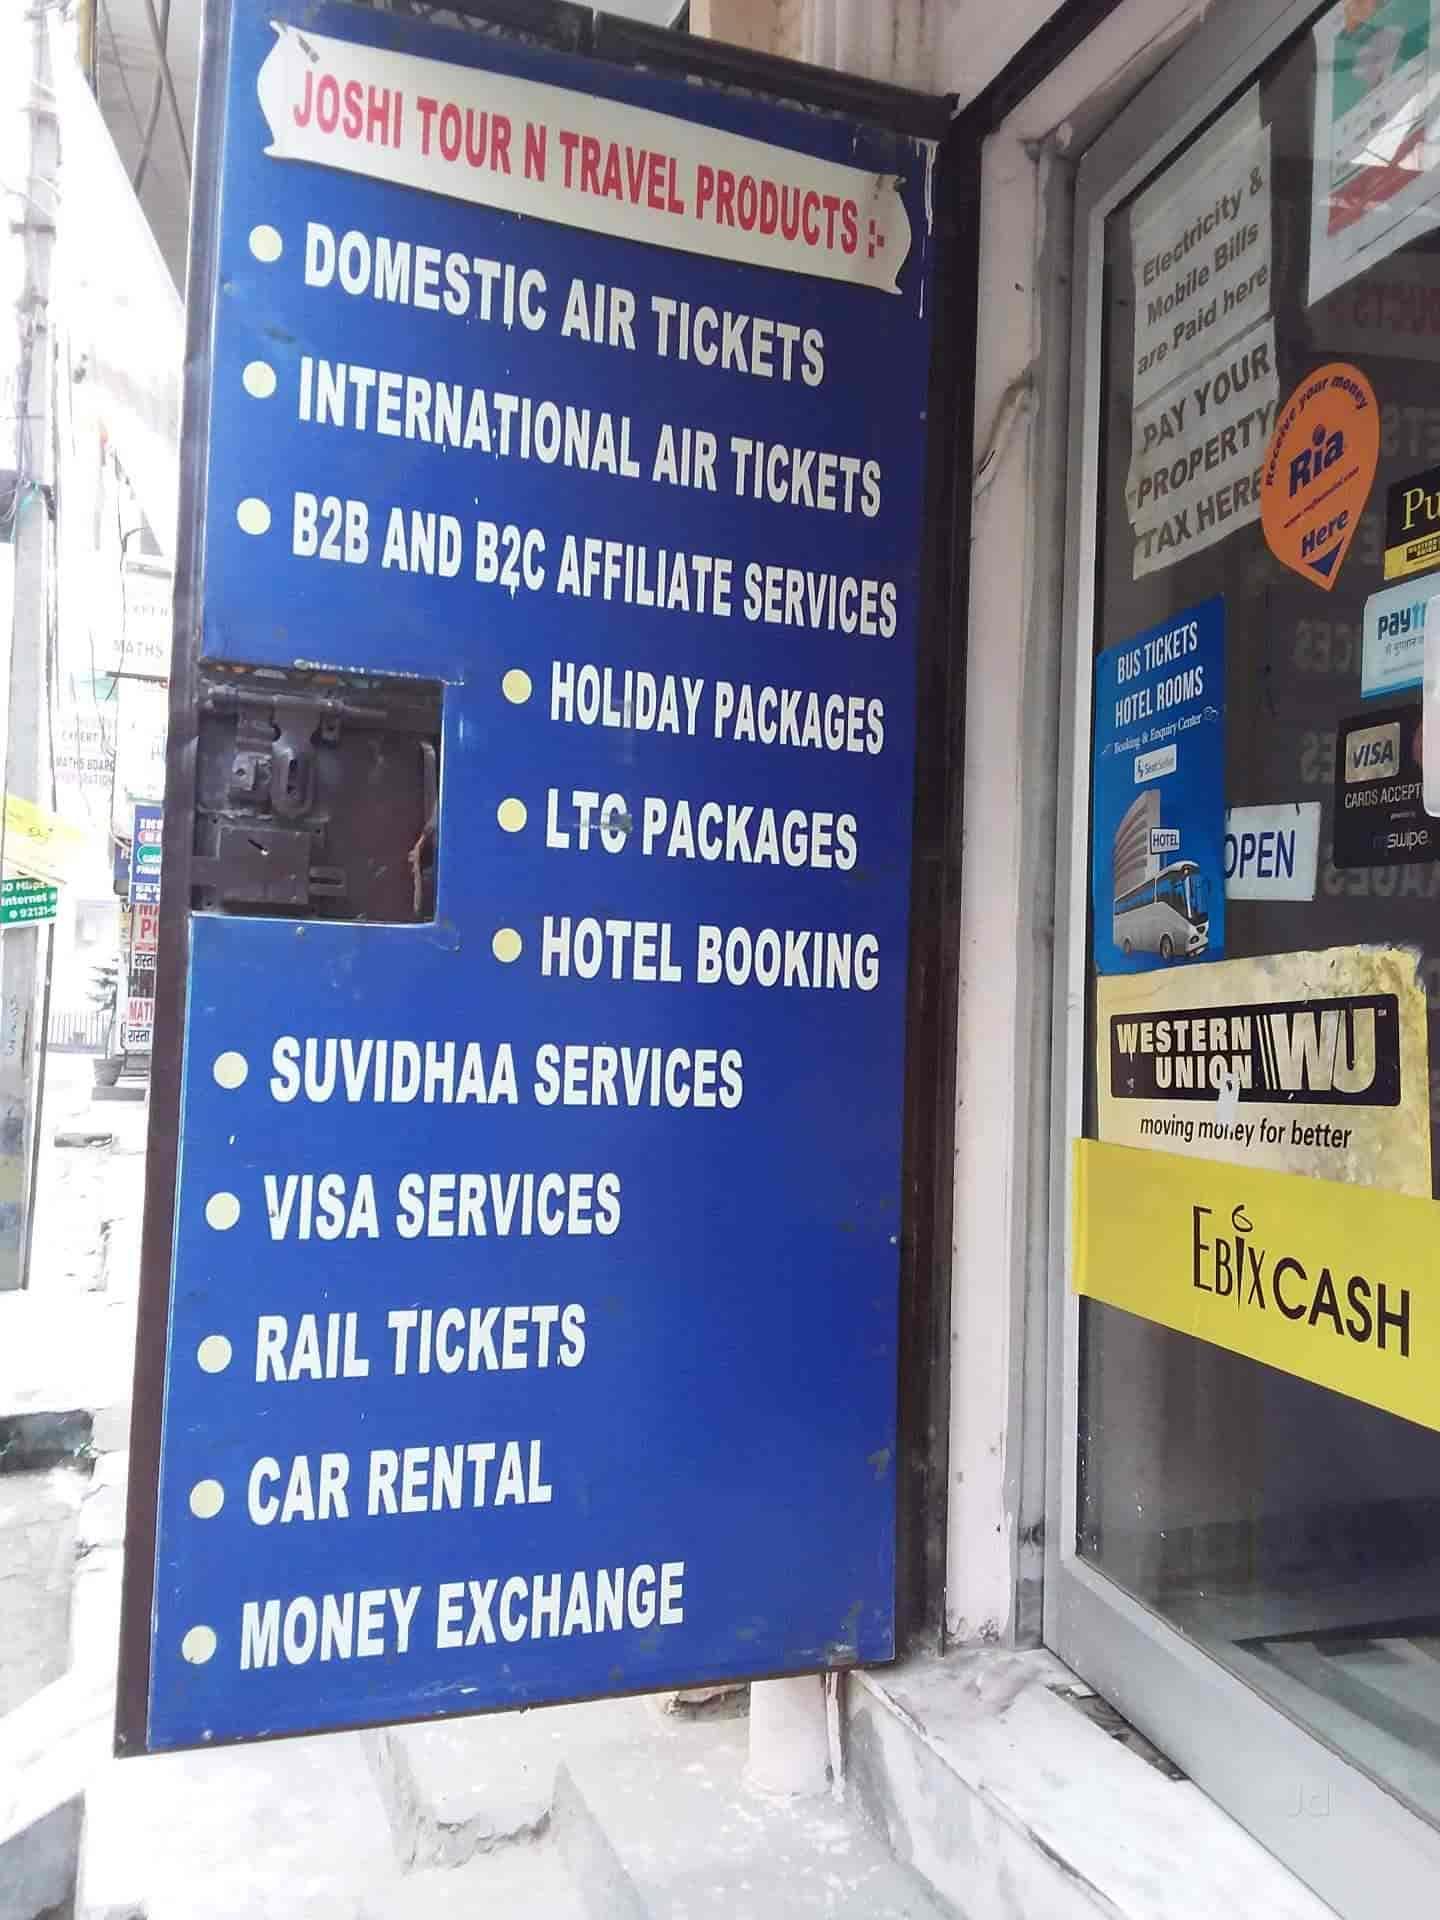 Joshi Tour & Travel, Uttam Nagar - Travel Agents in Delhi